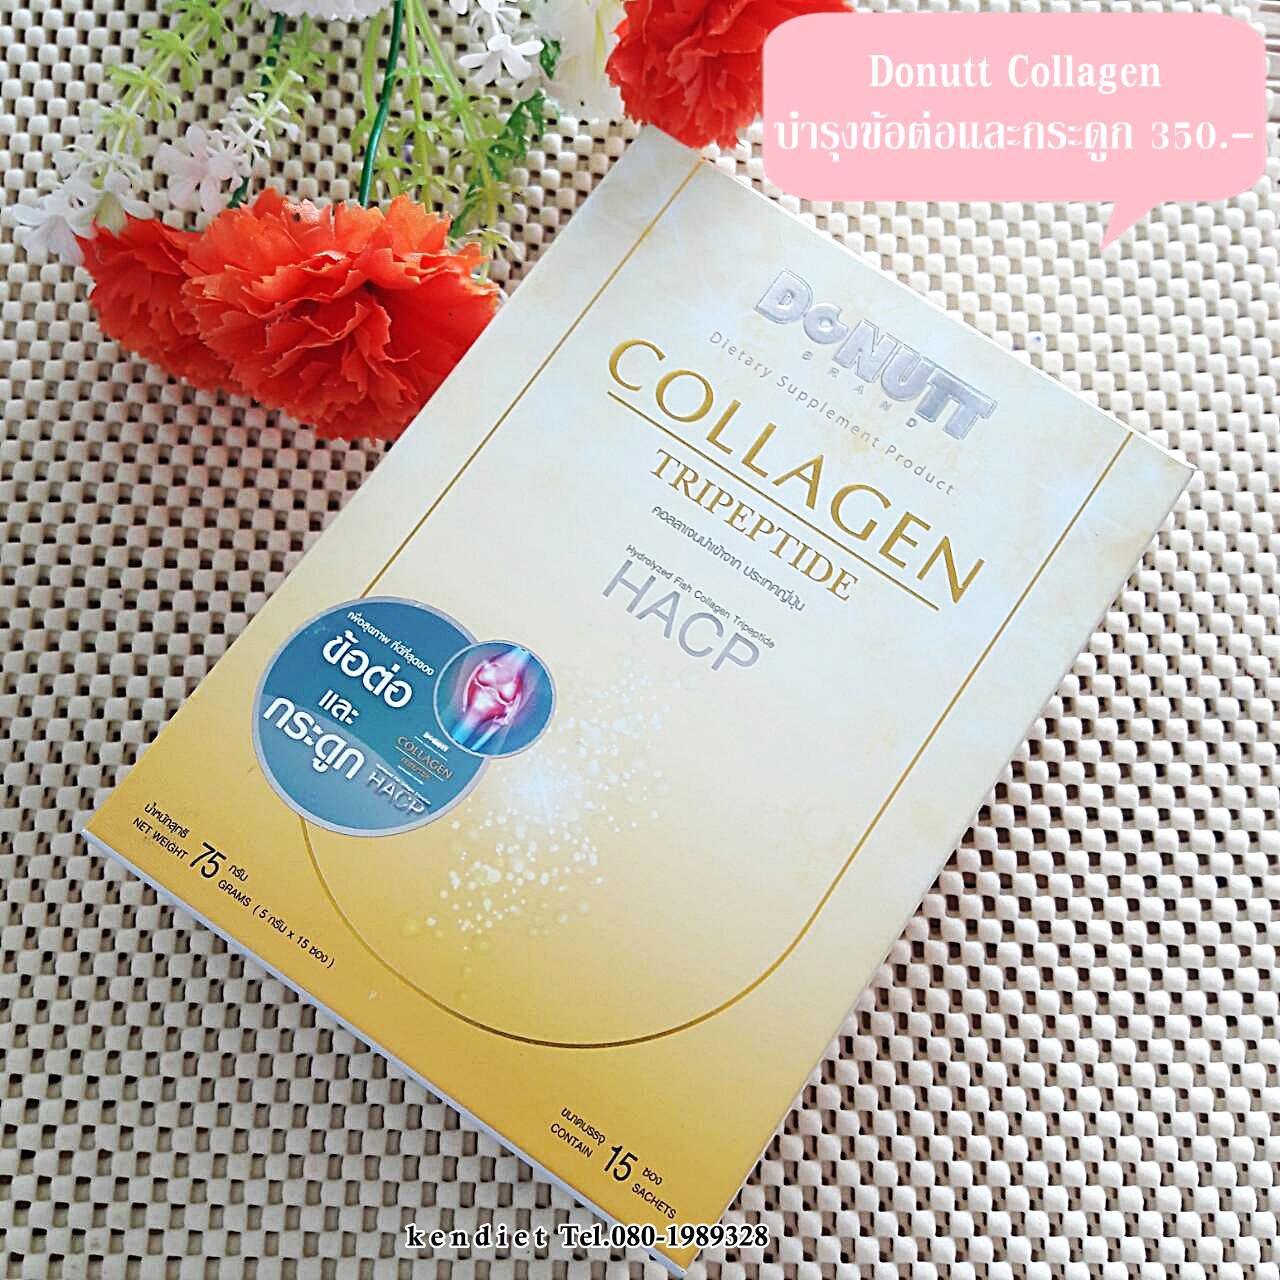 Donutt Collagen TriPeptide HACP โดนัท คอลลาเจน ไตรเปปไทด์ เอชเอซีพี 15 ซอง 350 บาท